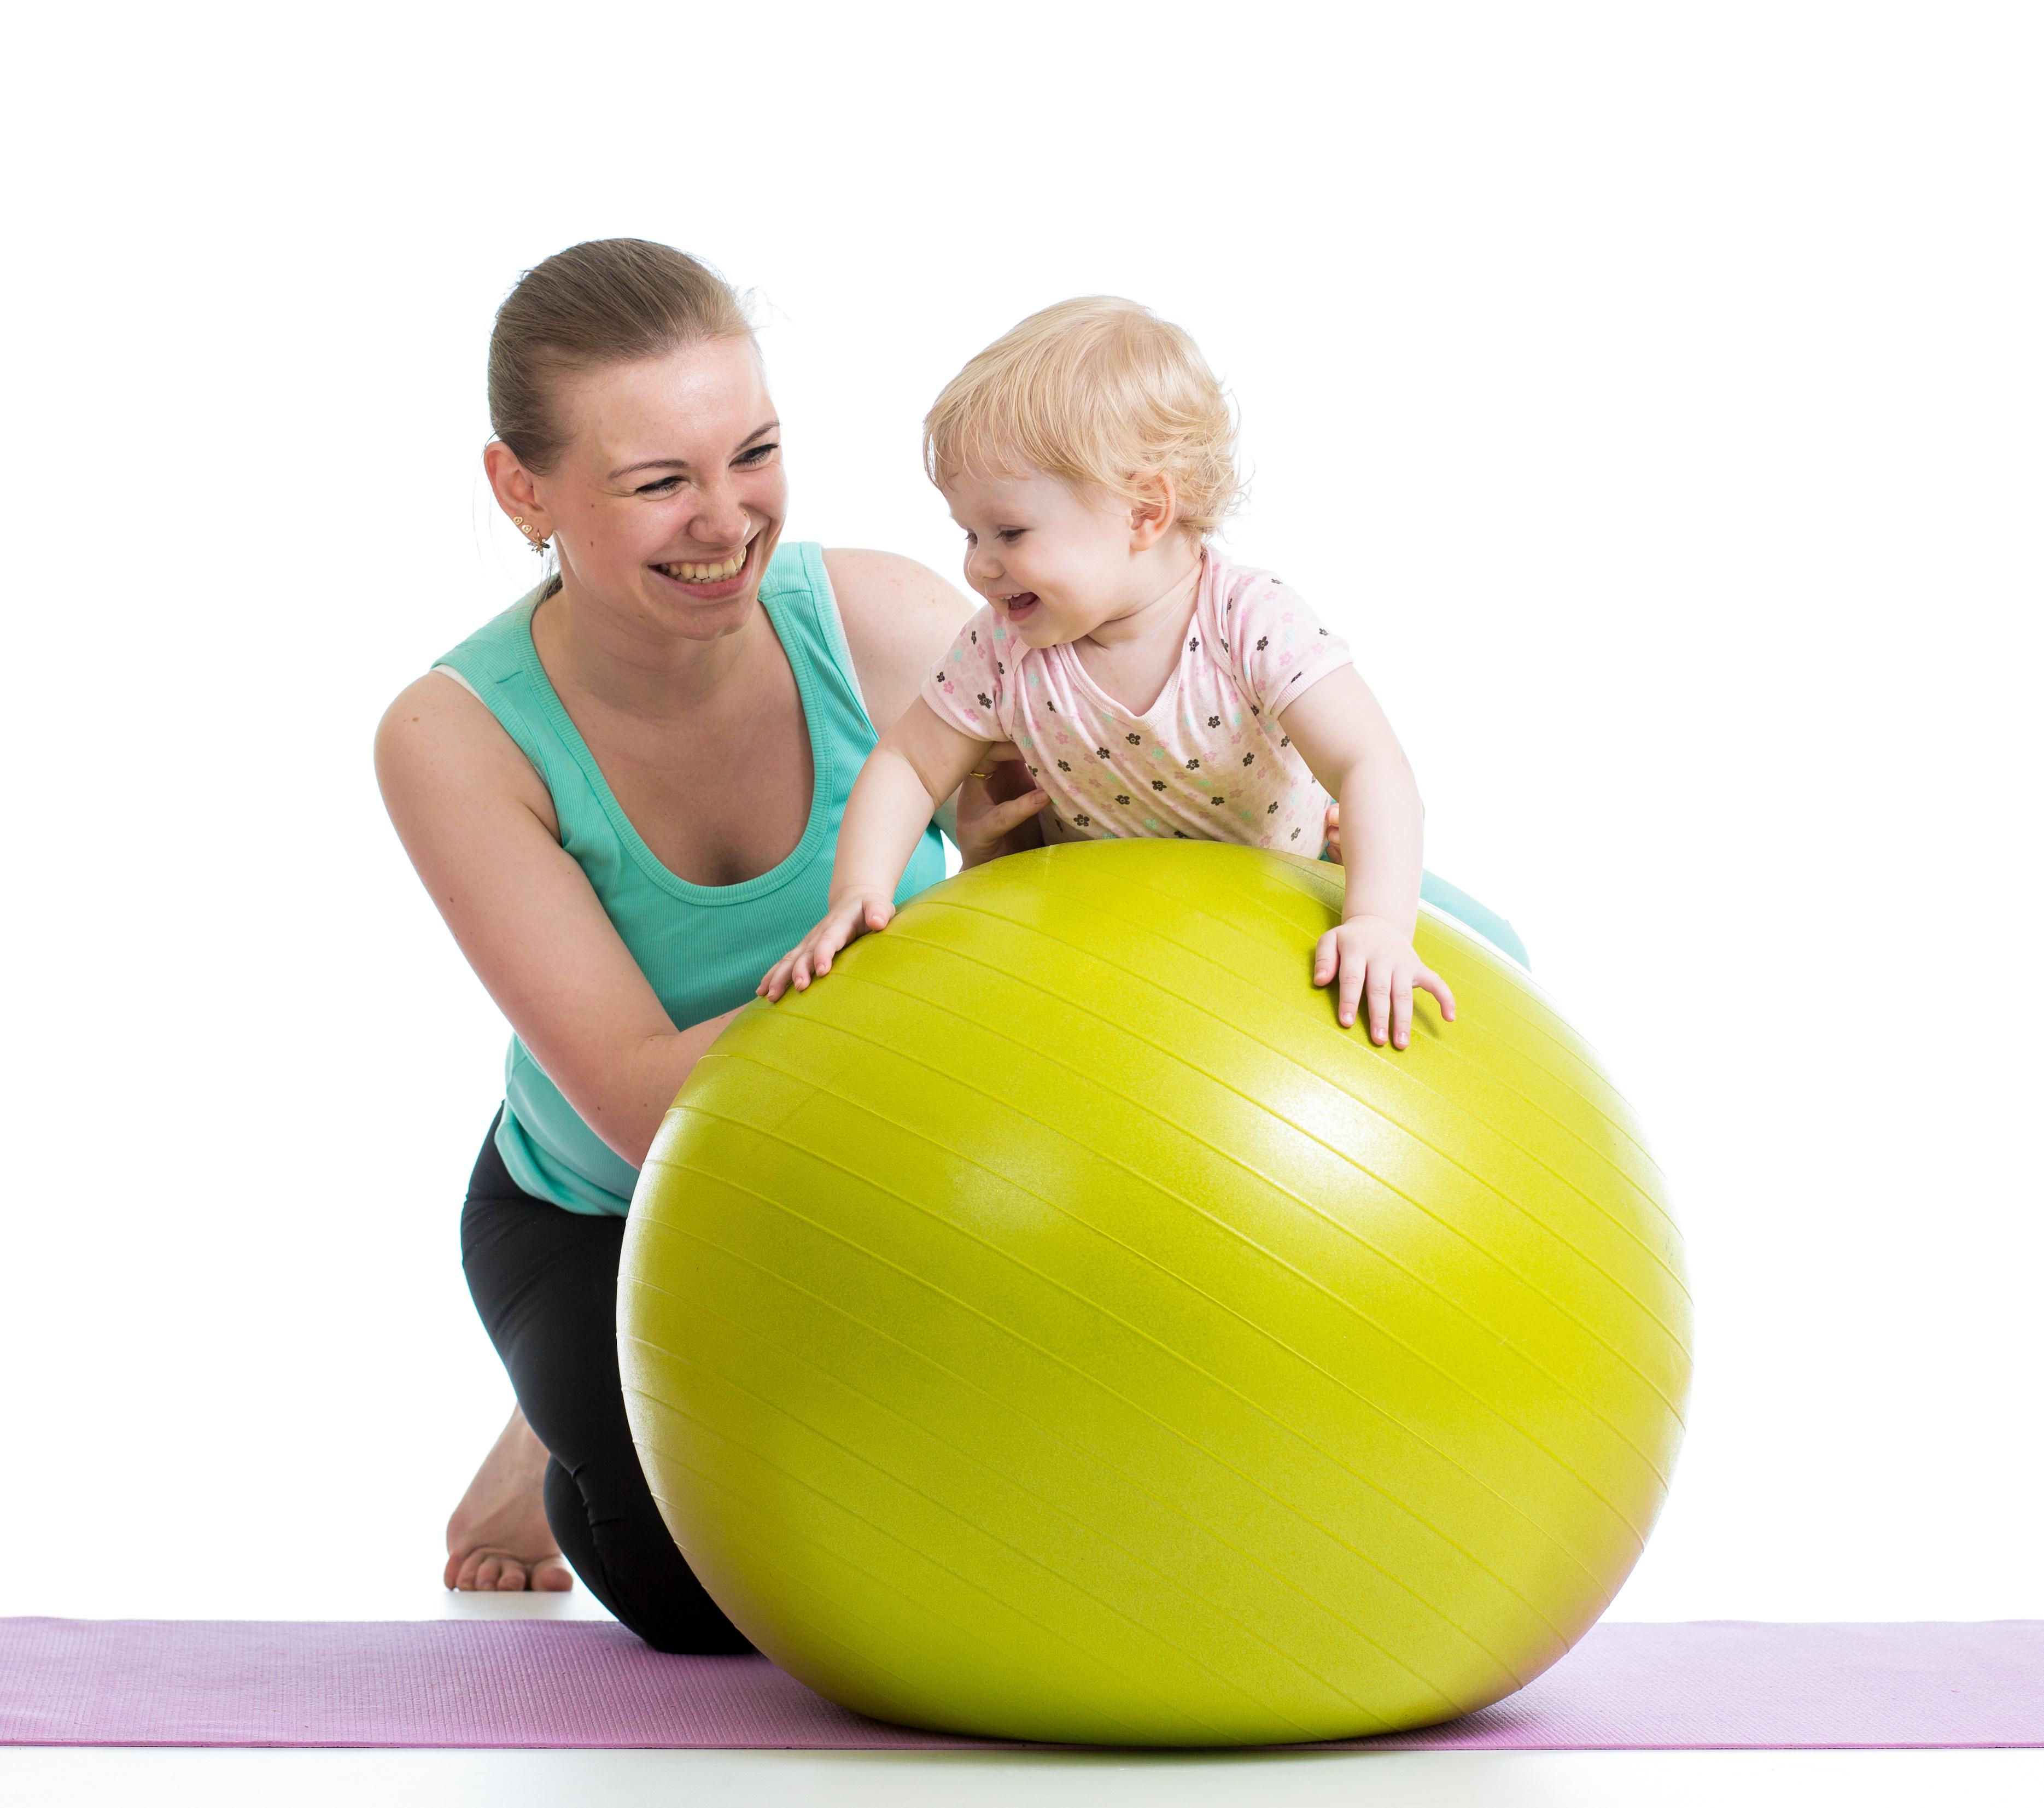 Фитбол для младенцев — 9 лучших упражнений, видео занятий с малышом на фитболе